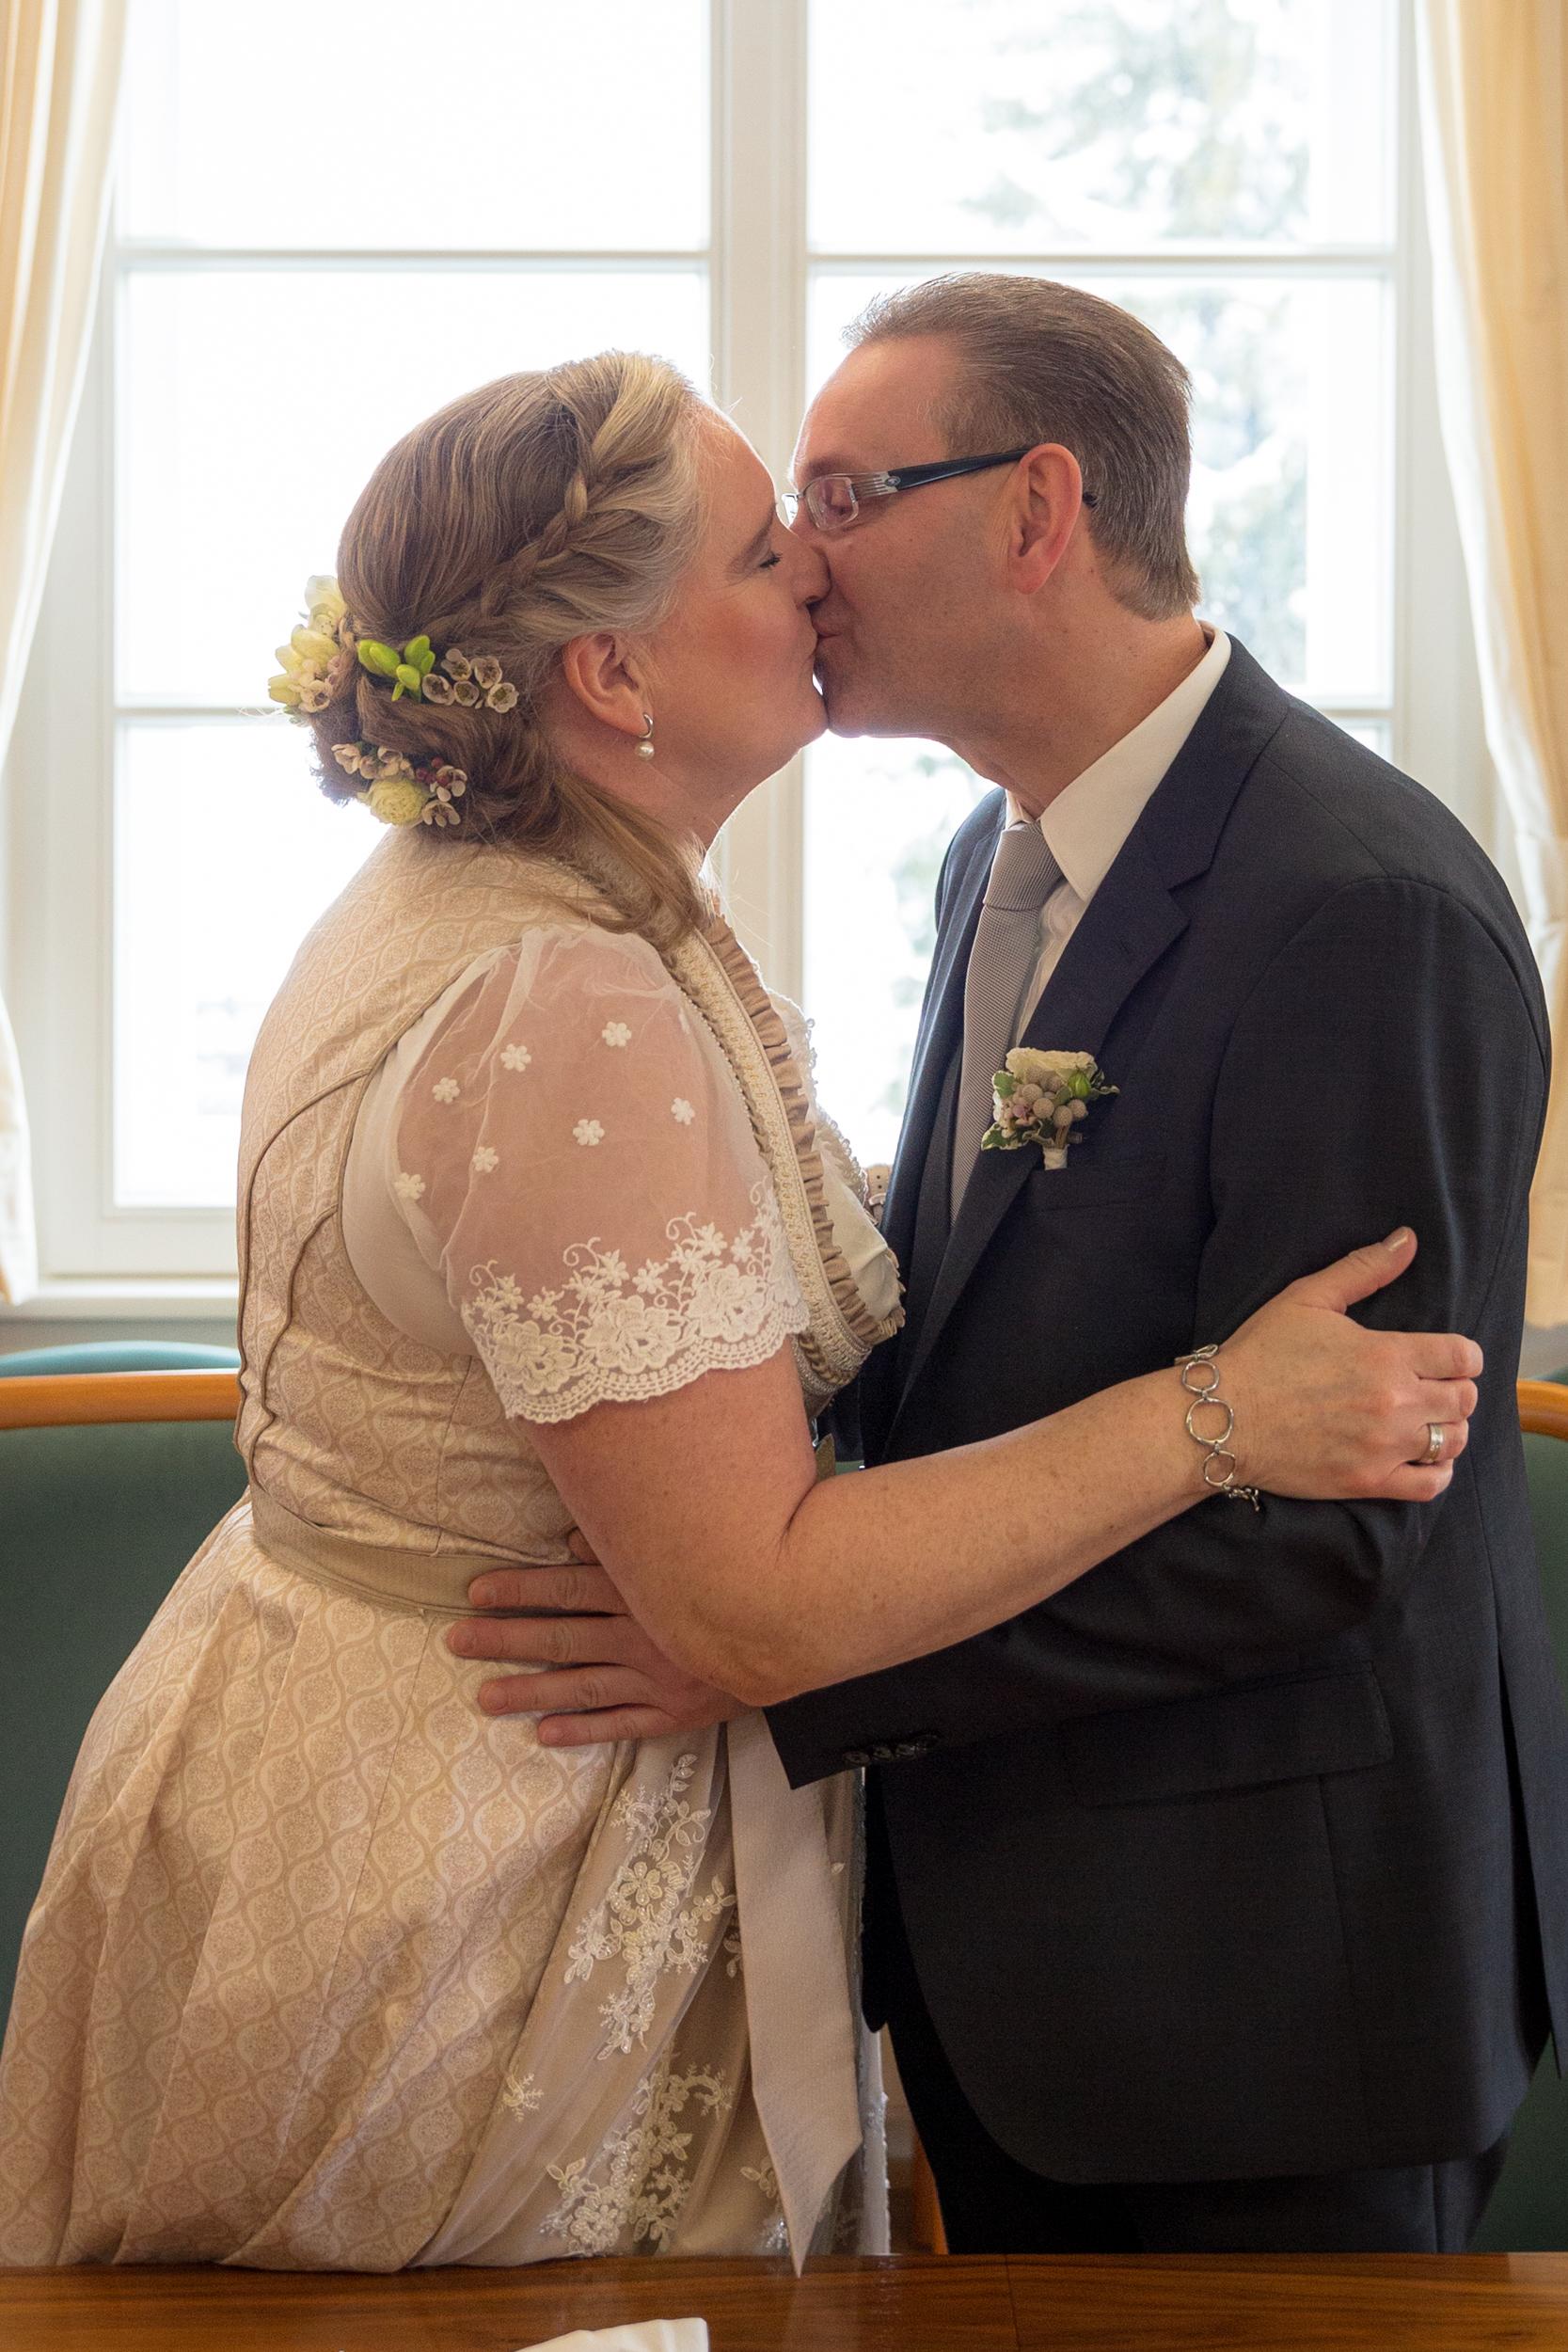 20190212_Hochzeit Koenig_0182.jpg